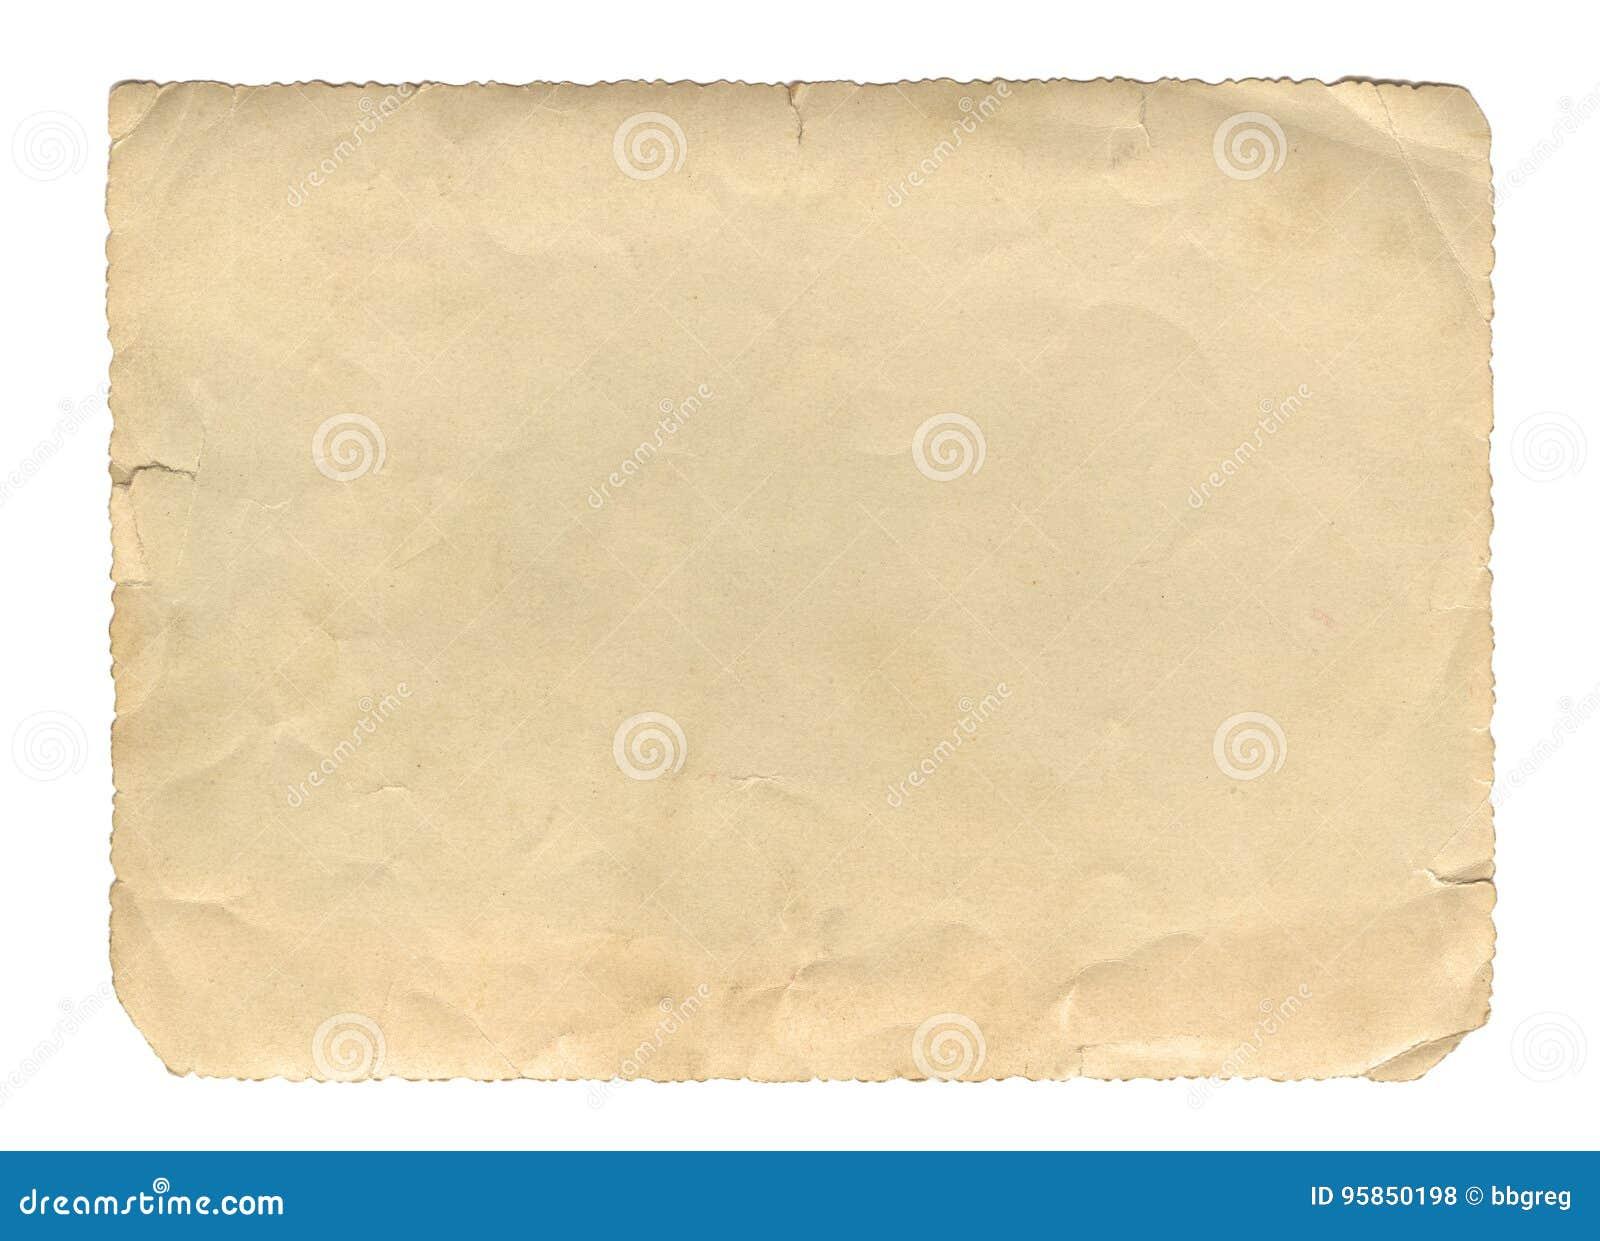 Texture ou fond de papier de brun de style de vintage vieille, avec les bords déchirés inégaux